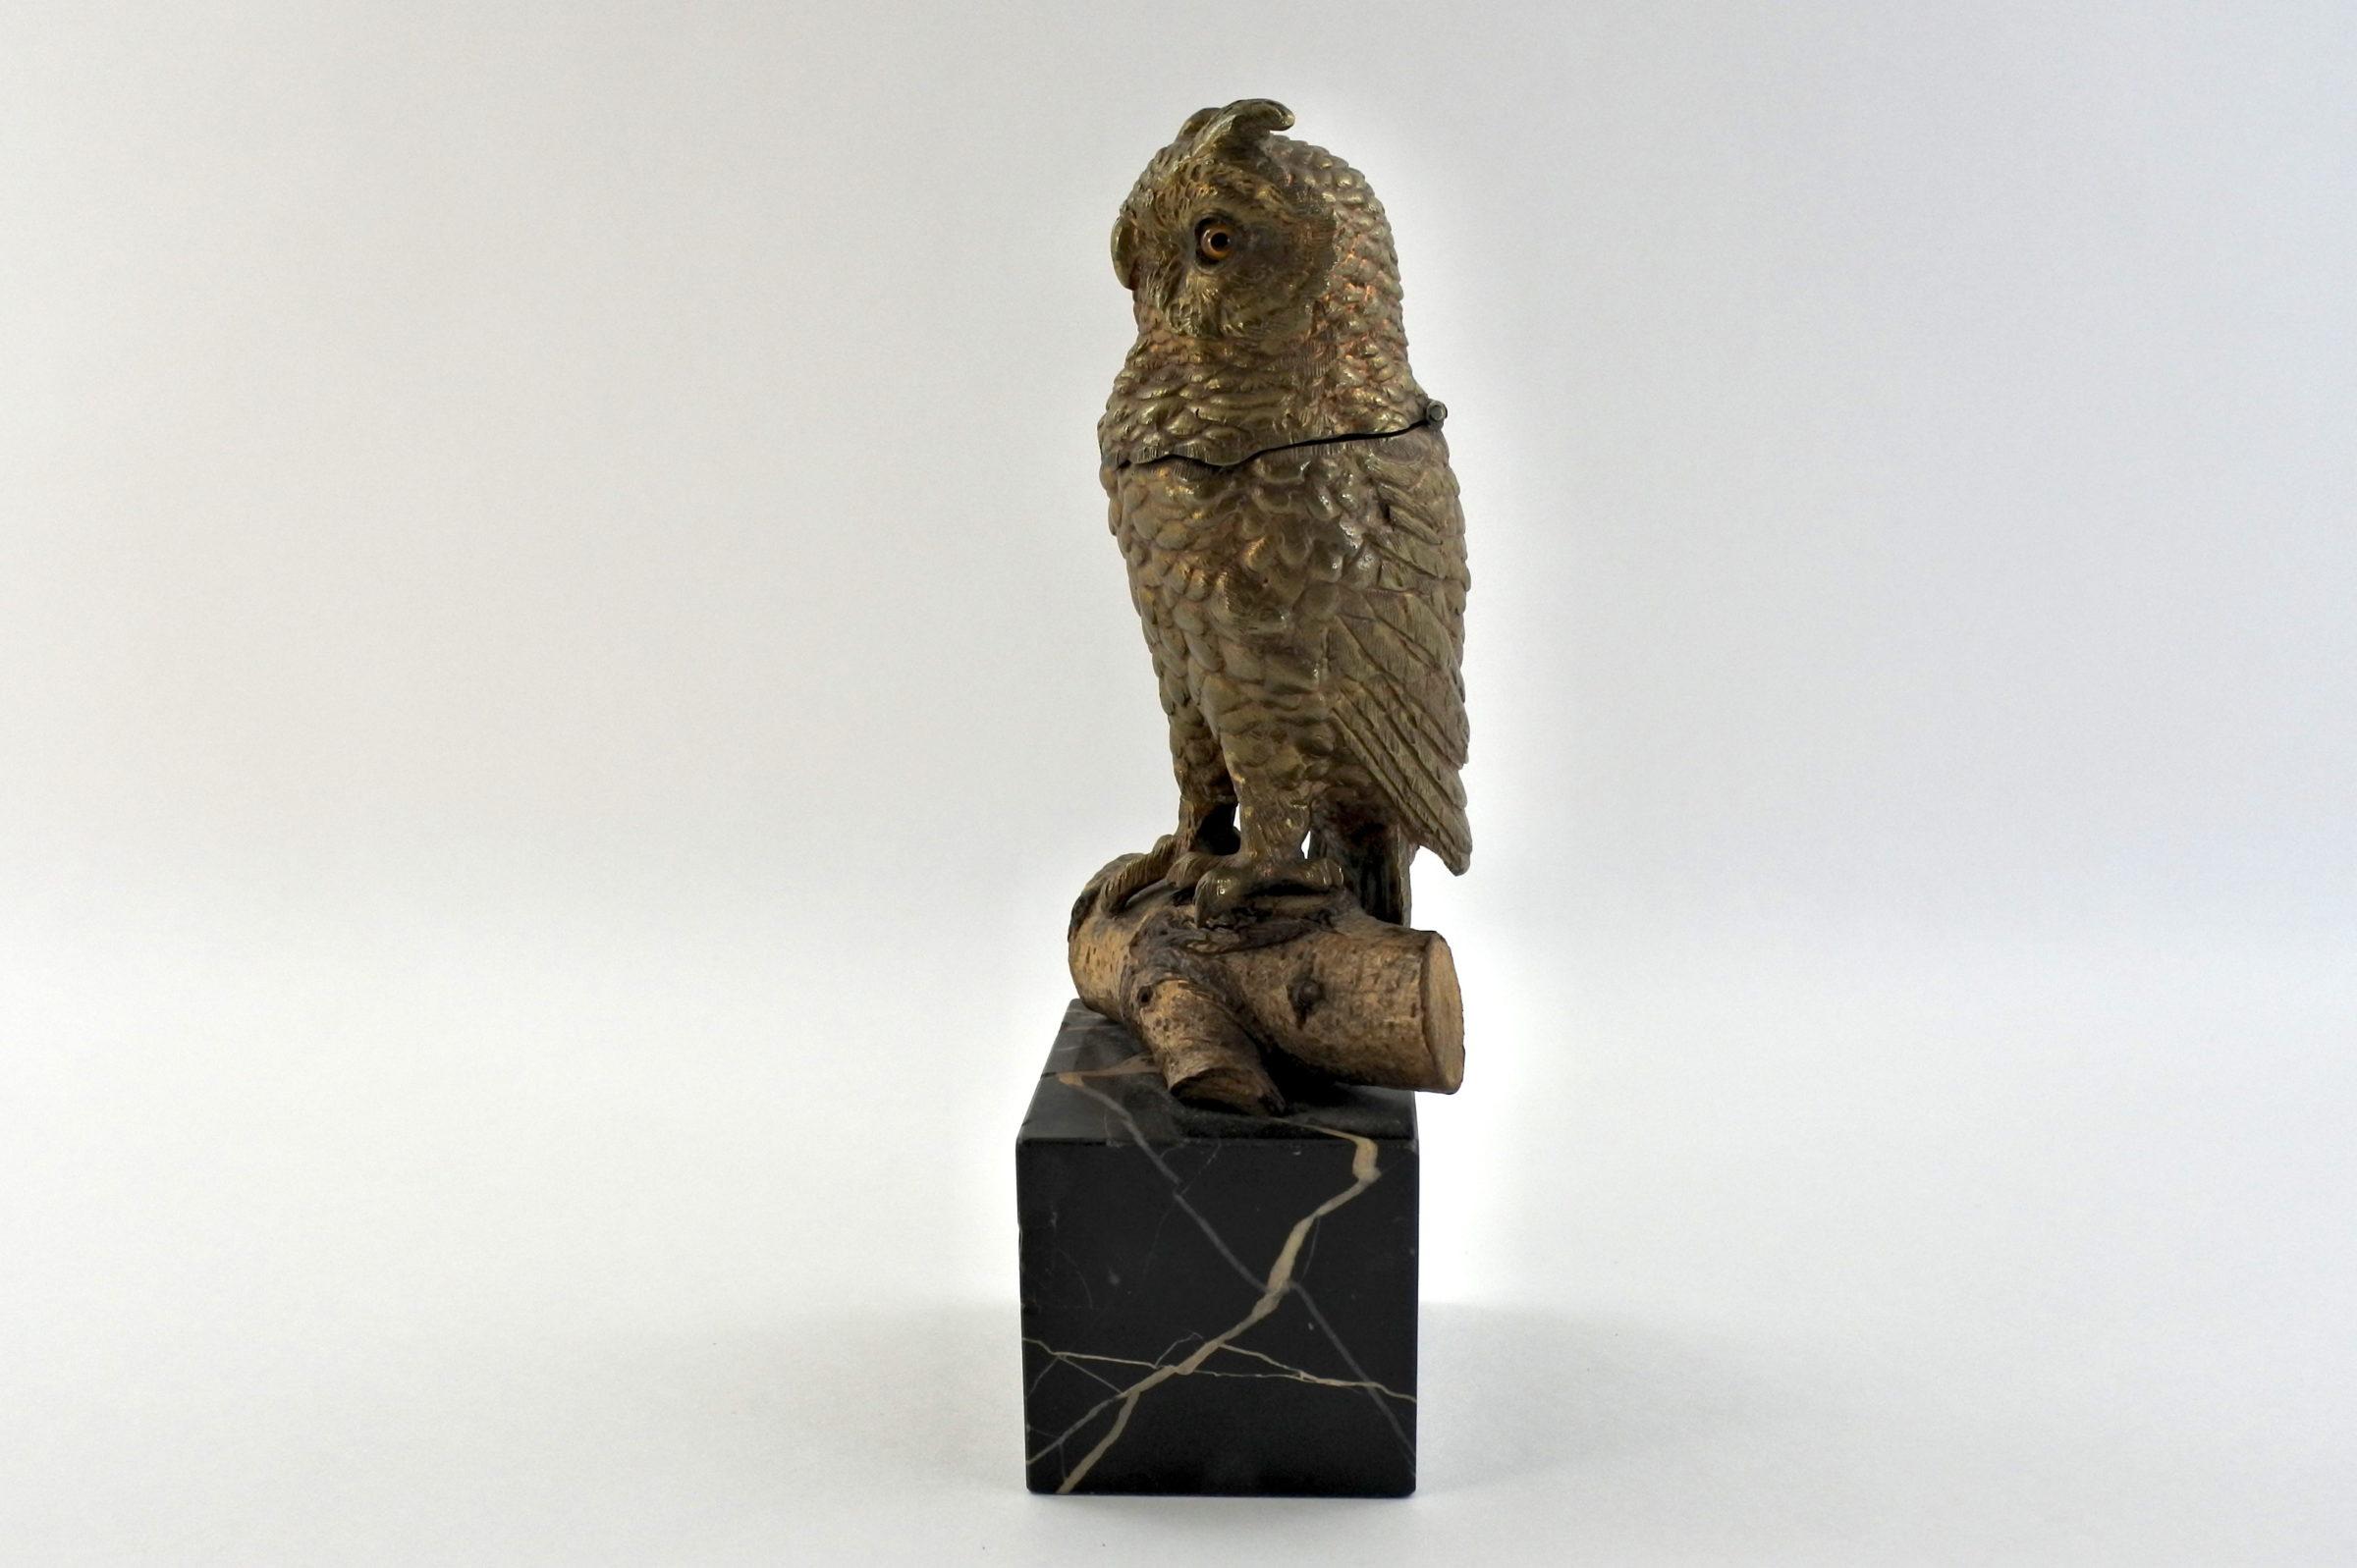 Calamaio in bronzo e marmo a forma di civetta - 4